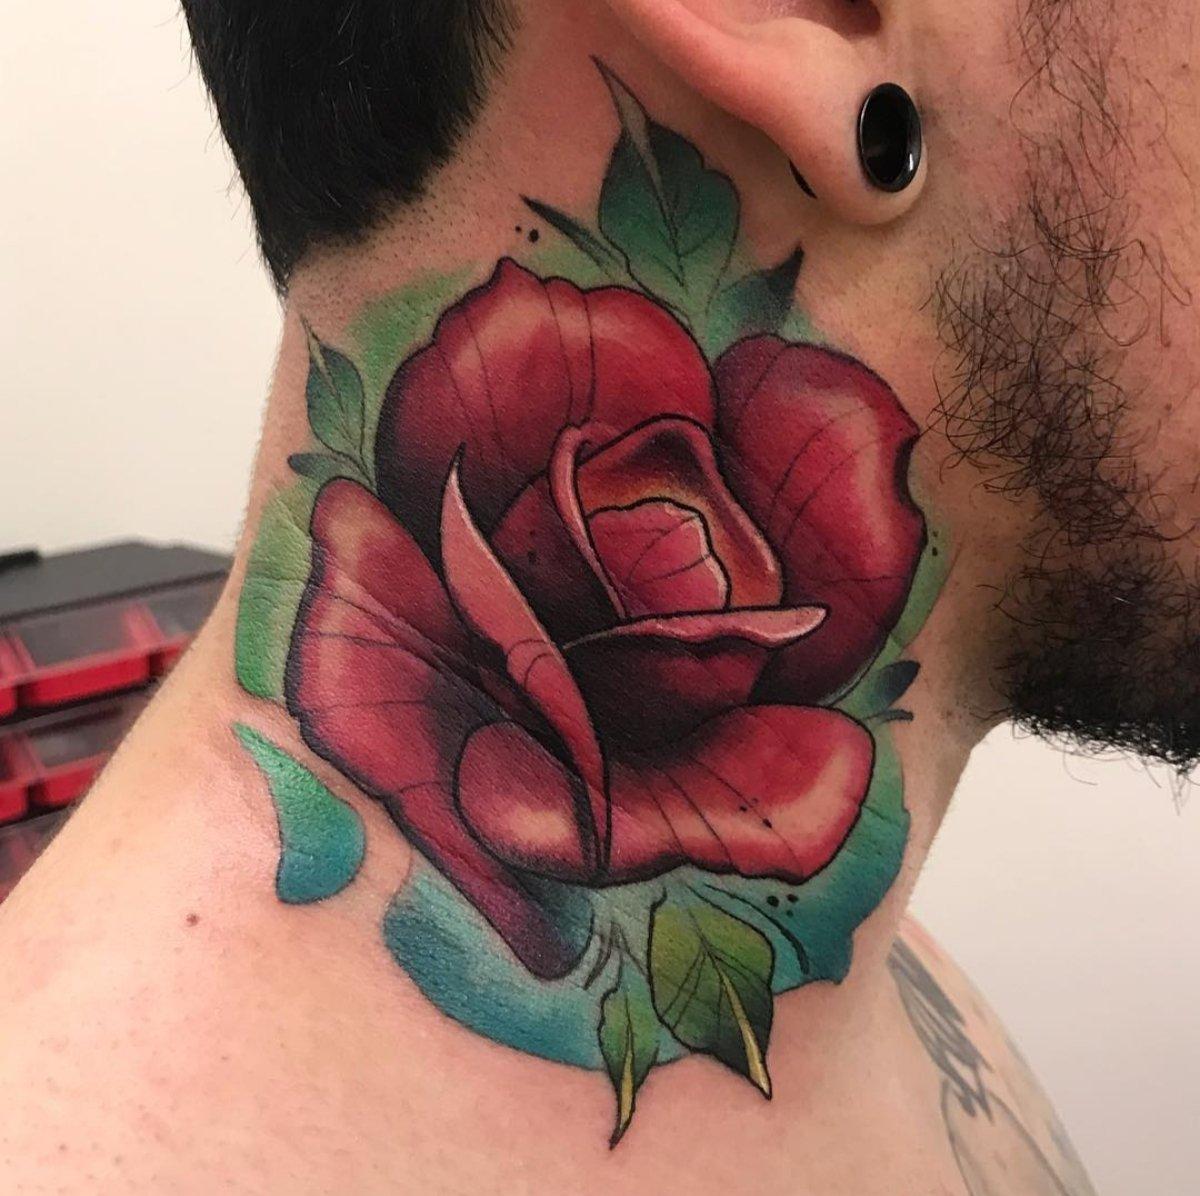 Inspiração de #tatuagem de rosa no pescoço. Gostaram? Lá no #blog tem um artigo com mais dicas de tatuagens para esta parte do corpo. Link:   #tatuagemnopescoço #tatuagemmasculina #marcodamoda #mogidascruzes #tattoo #necktattoo #tatuagemderosa